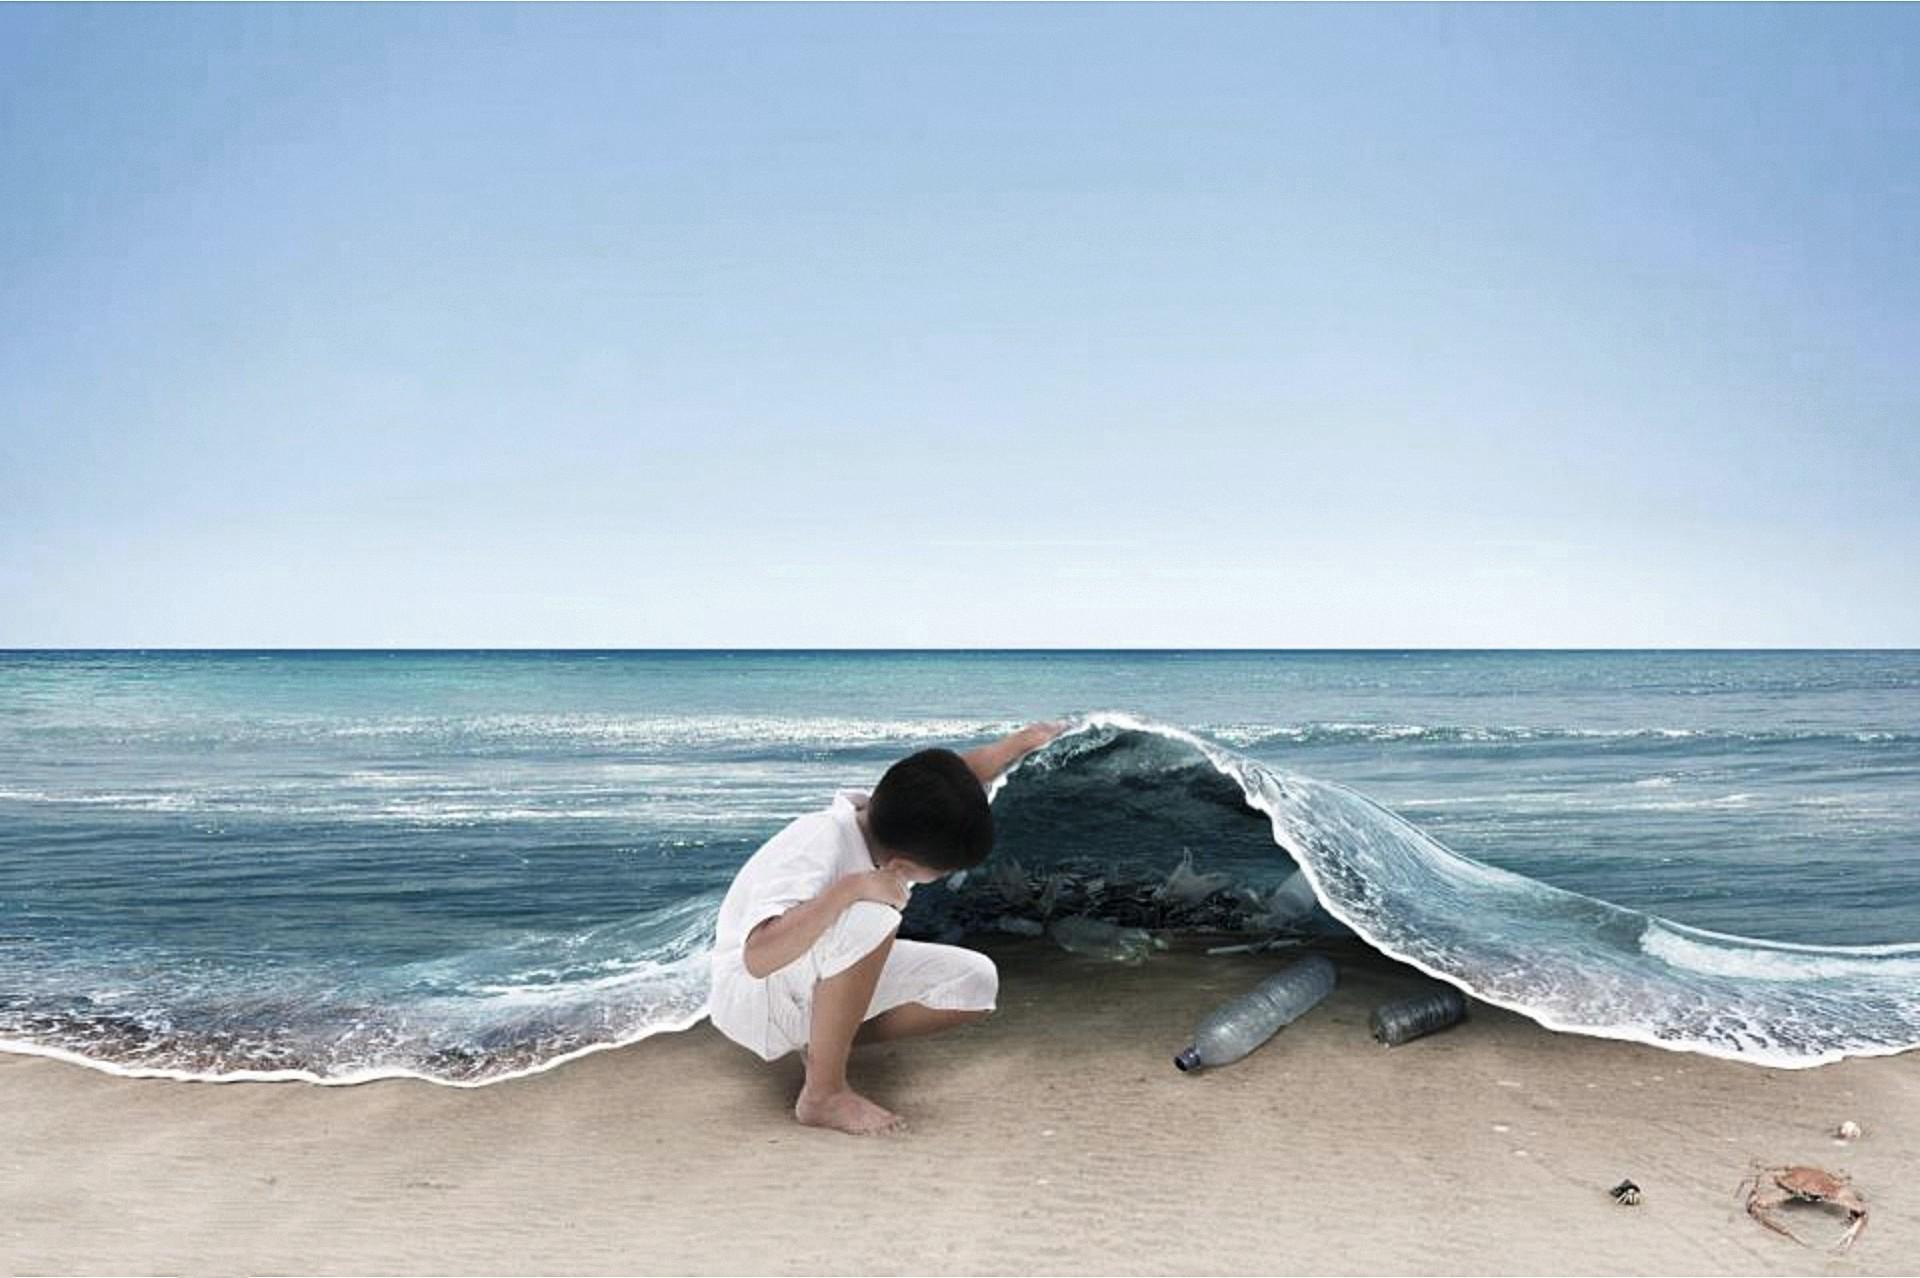 Enfant soulevant une vague découvrant une mer de déchets plastique cachés comme de la poussière sous un tapis